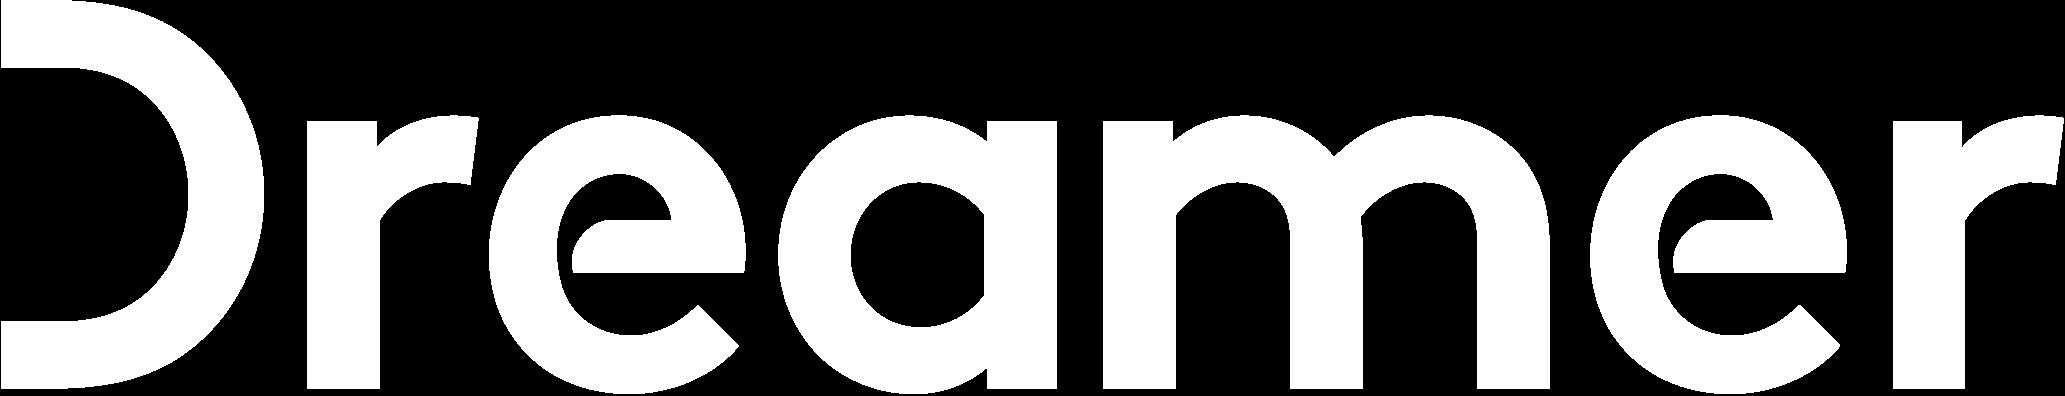 Dreamer_Logo_white copy.png